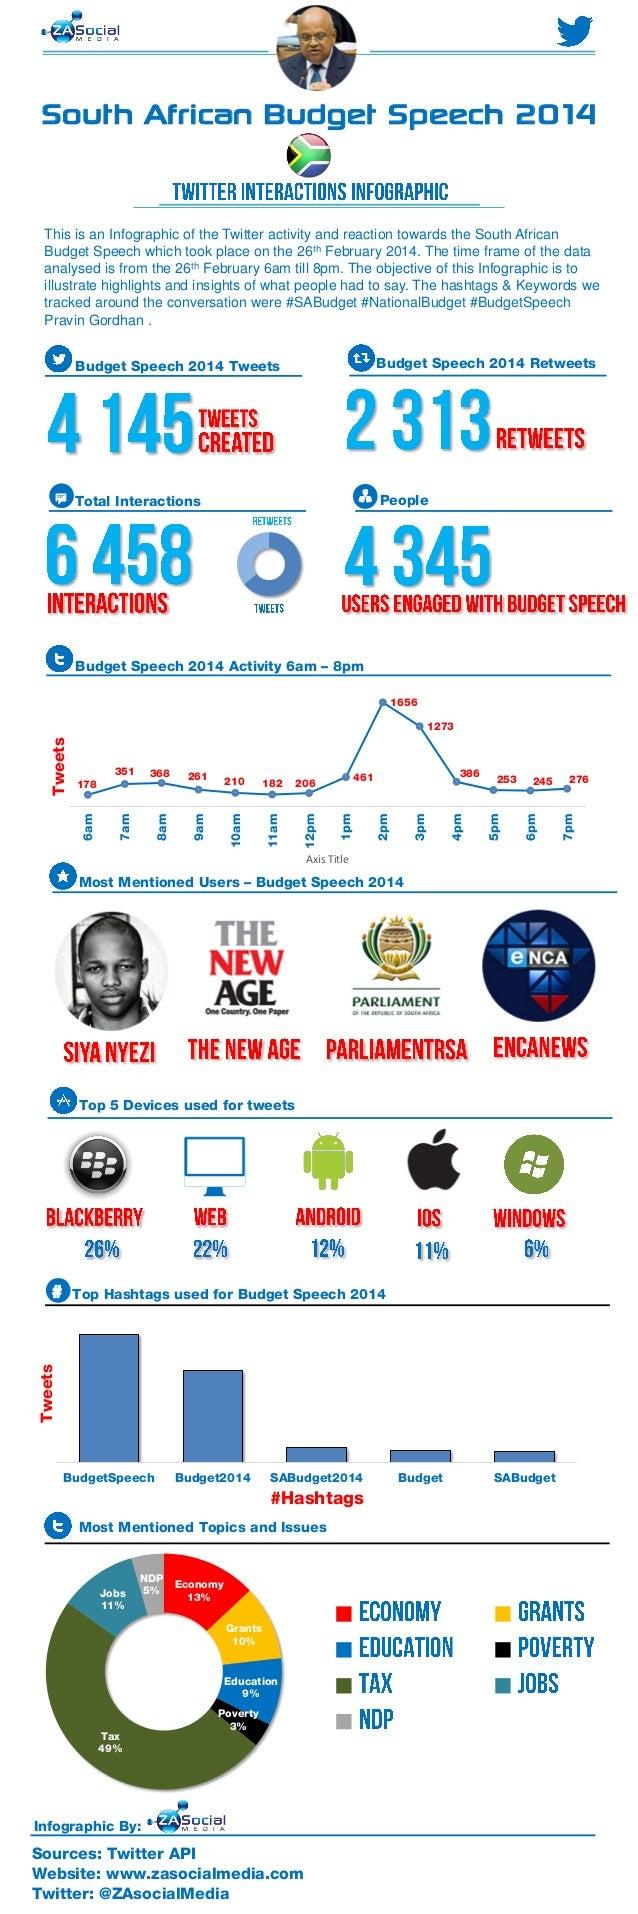 South African Budget Speech 2014